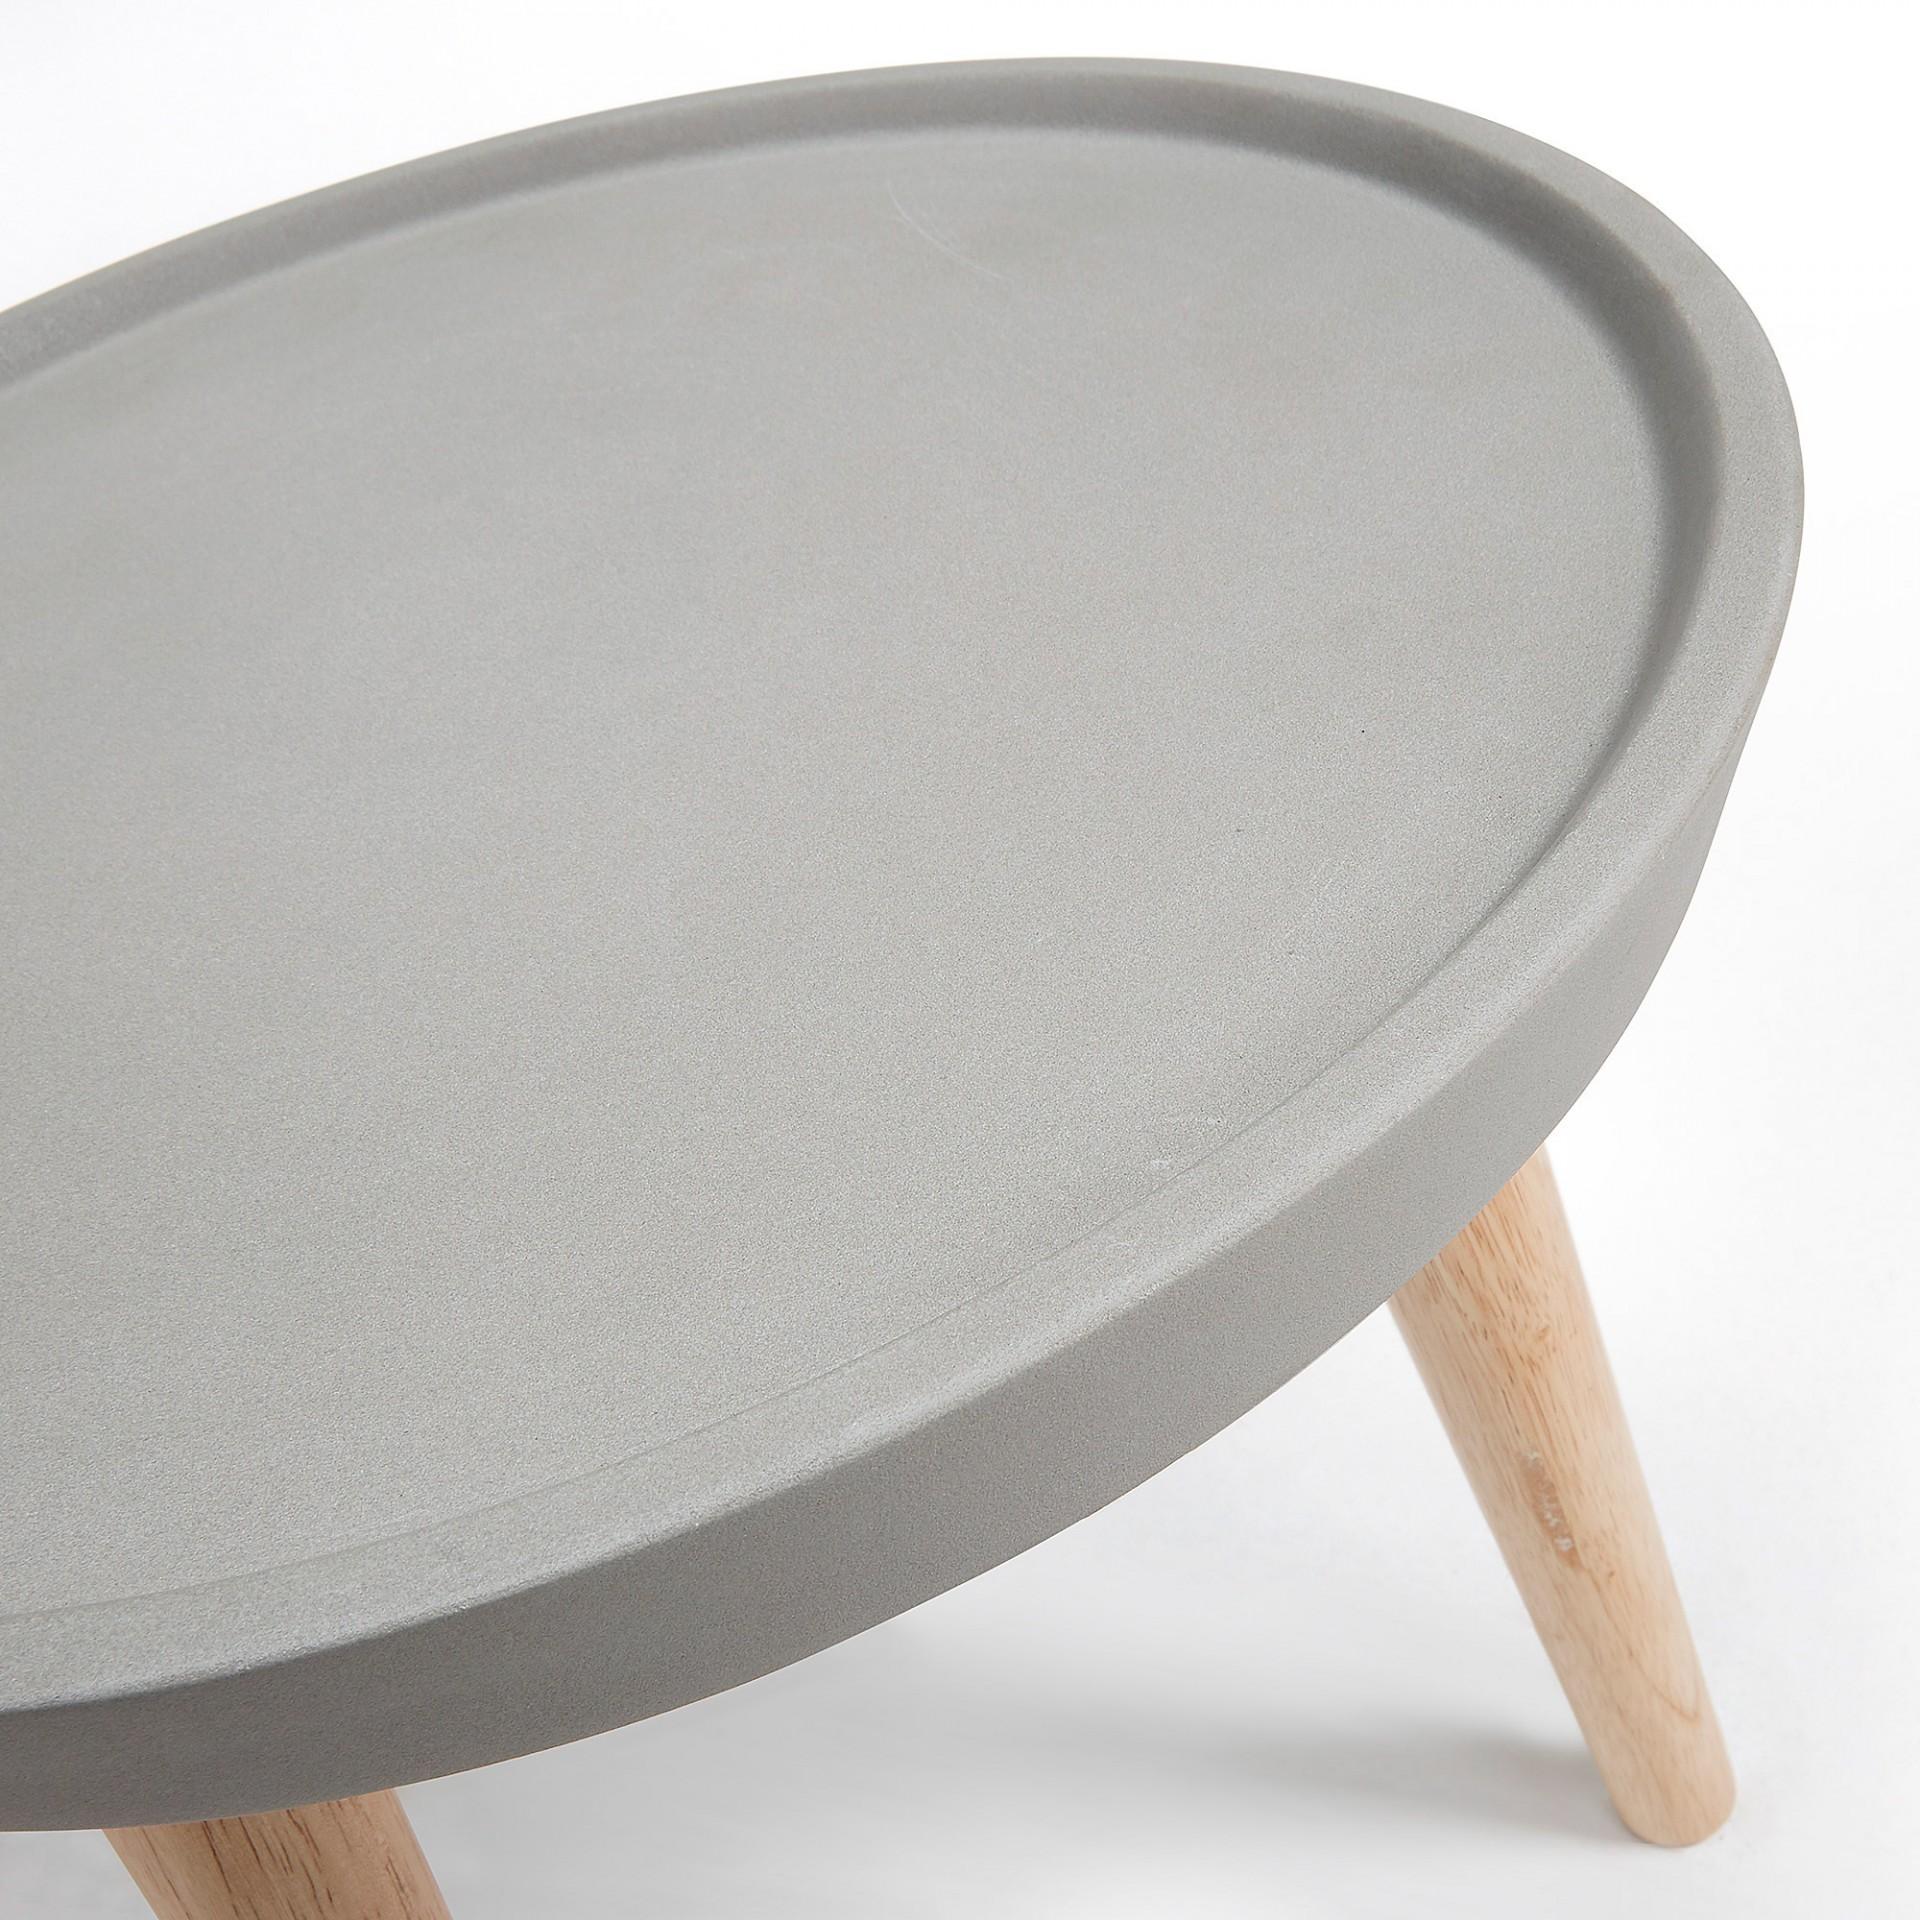 Mesa de apoio em poli cimento, Ø40 cm